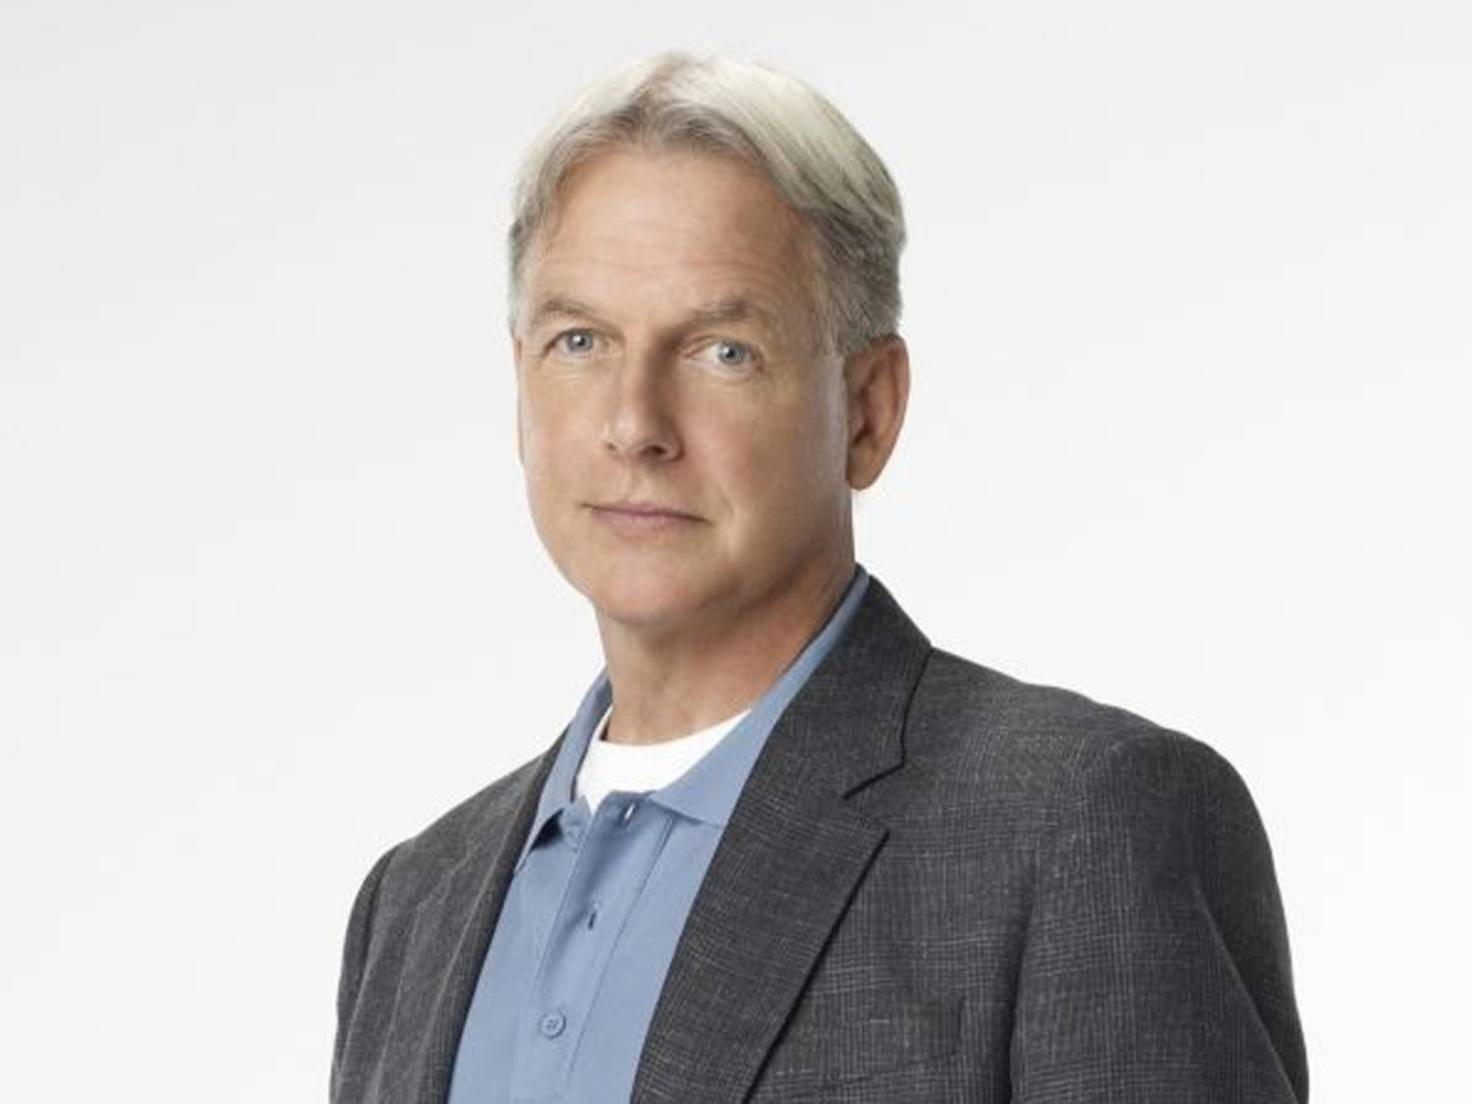 Seit 2003 spielt Mark Harmon in NCIS mit und ist aus der Erfolgsserie nicht mehr wegzudenken.